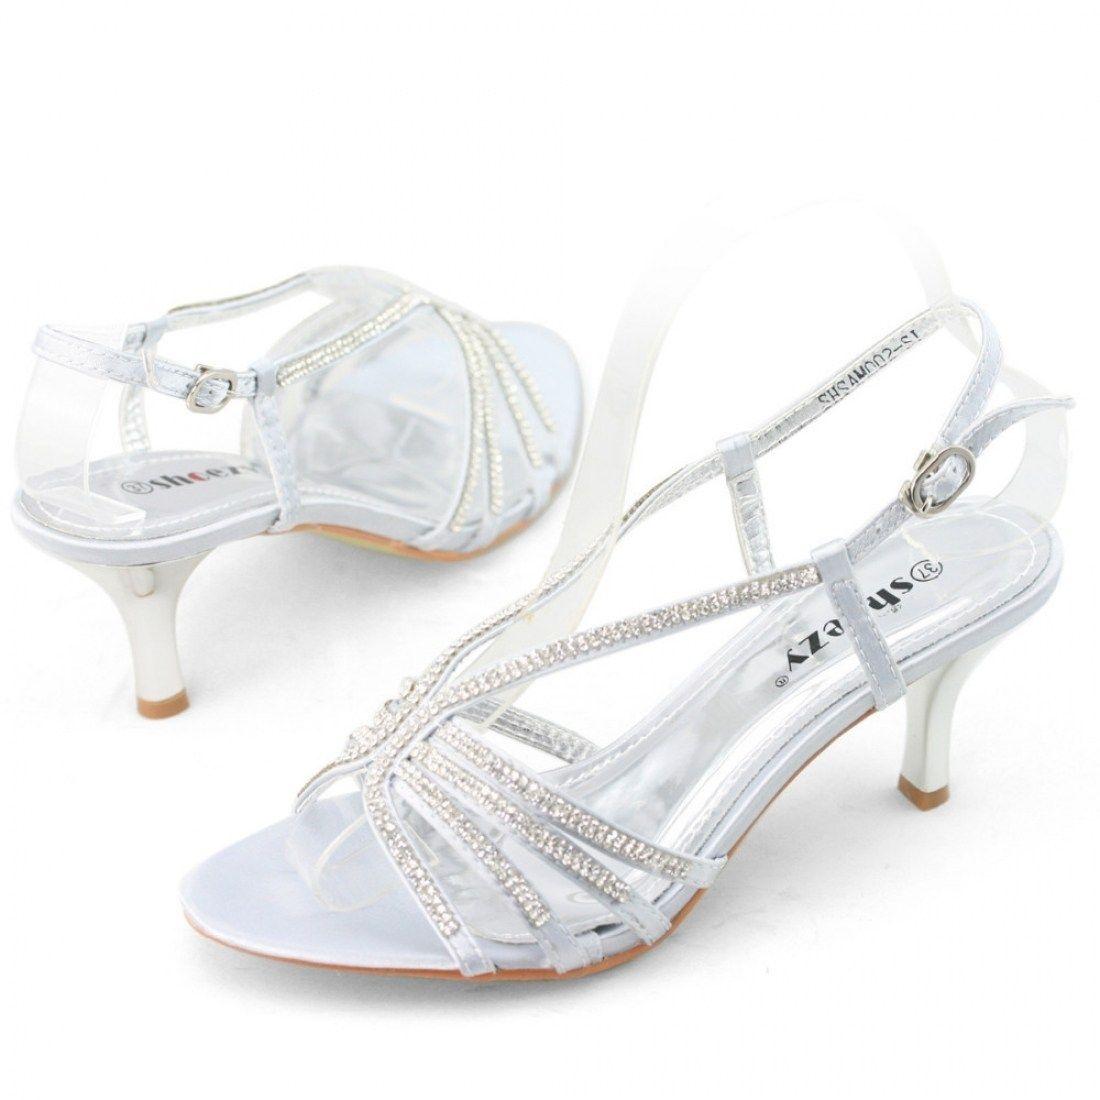 30 Beautiful Silver Kitten Heel Shoes Wedding | Wedding and Weddings